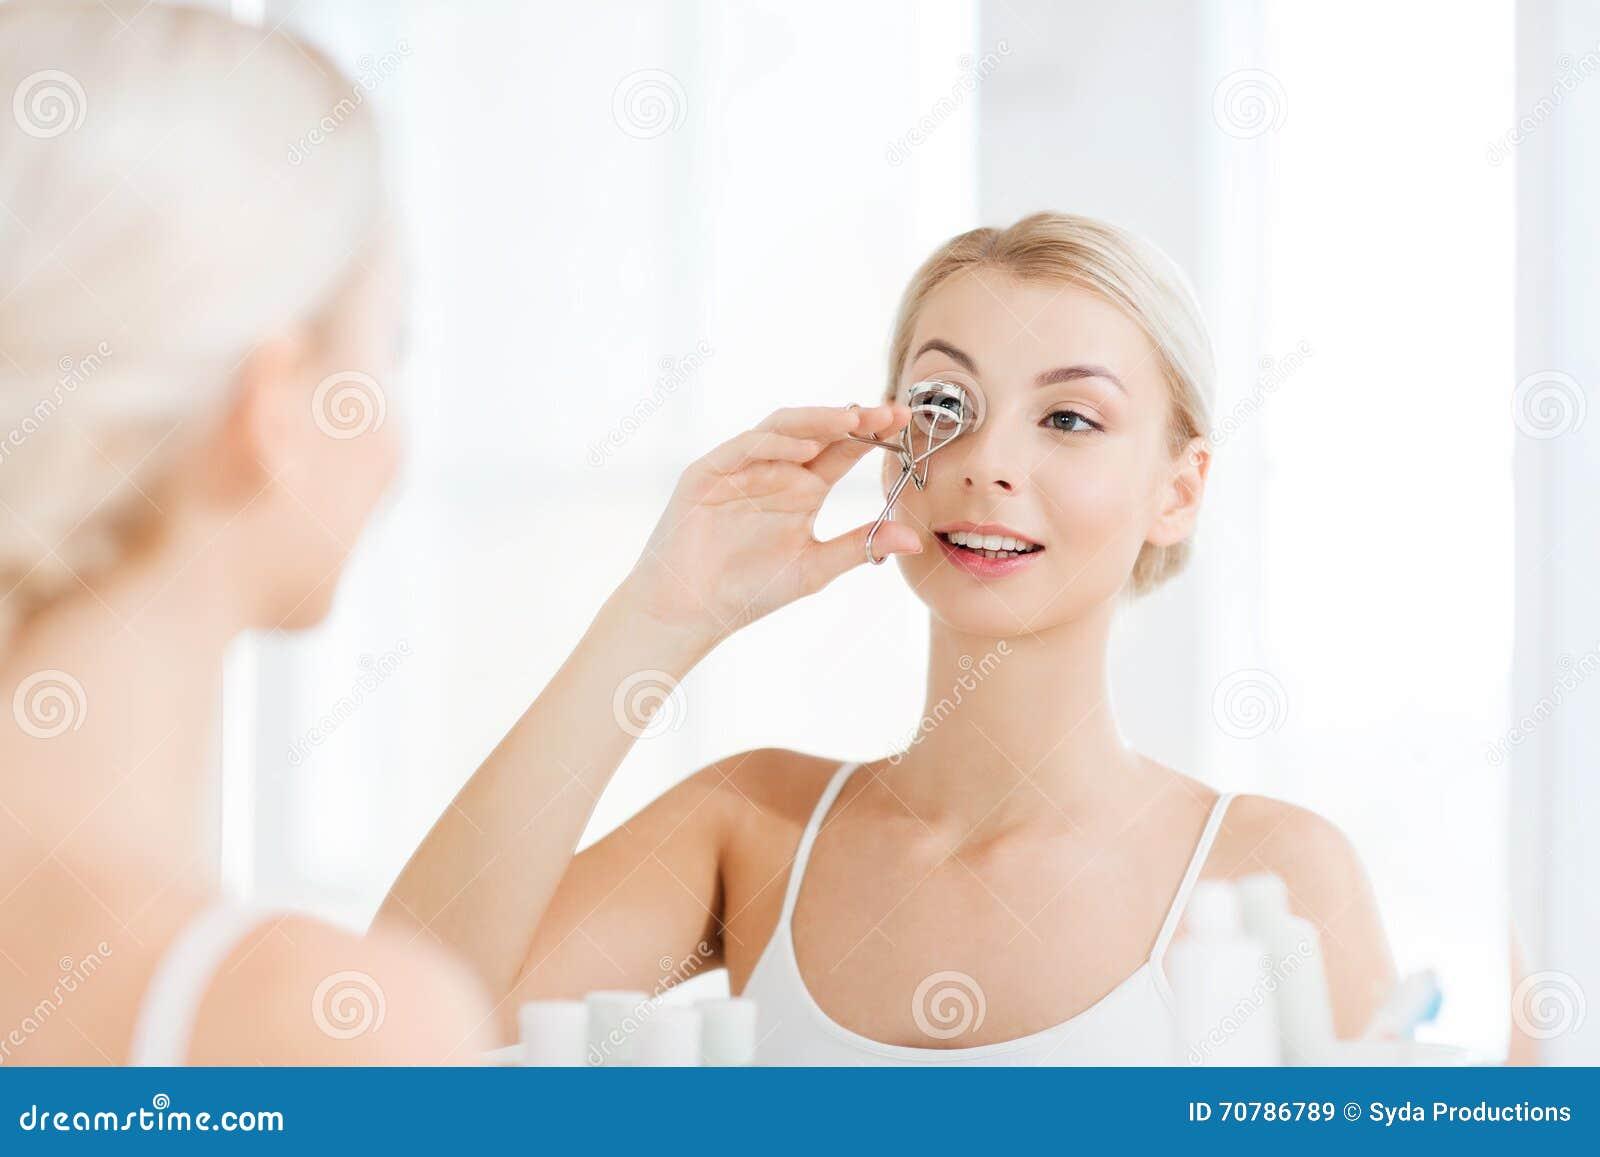 Индивидуалки перми, девушка дома утром в ванной комнате